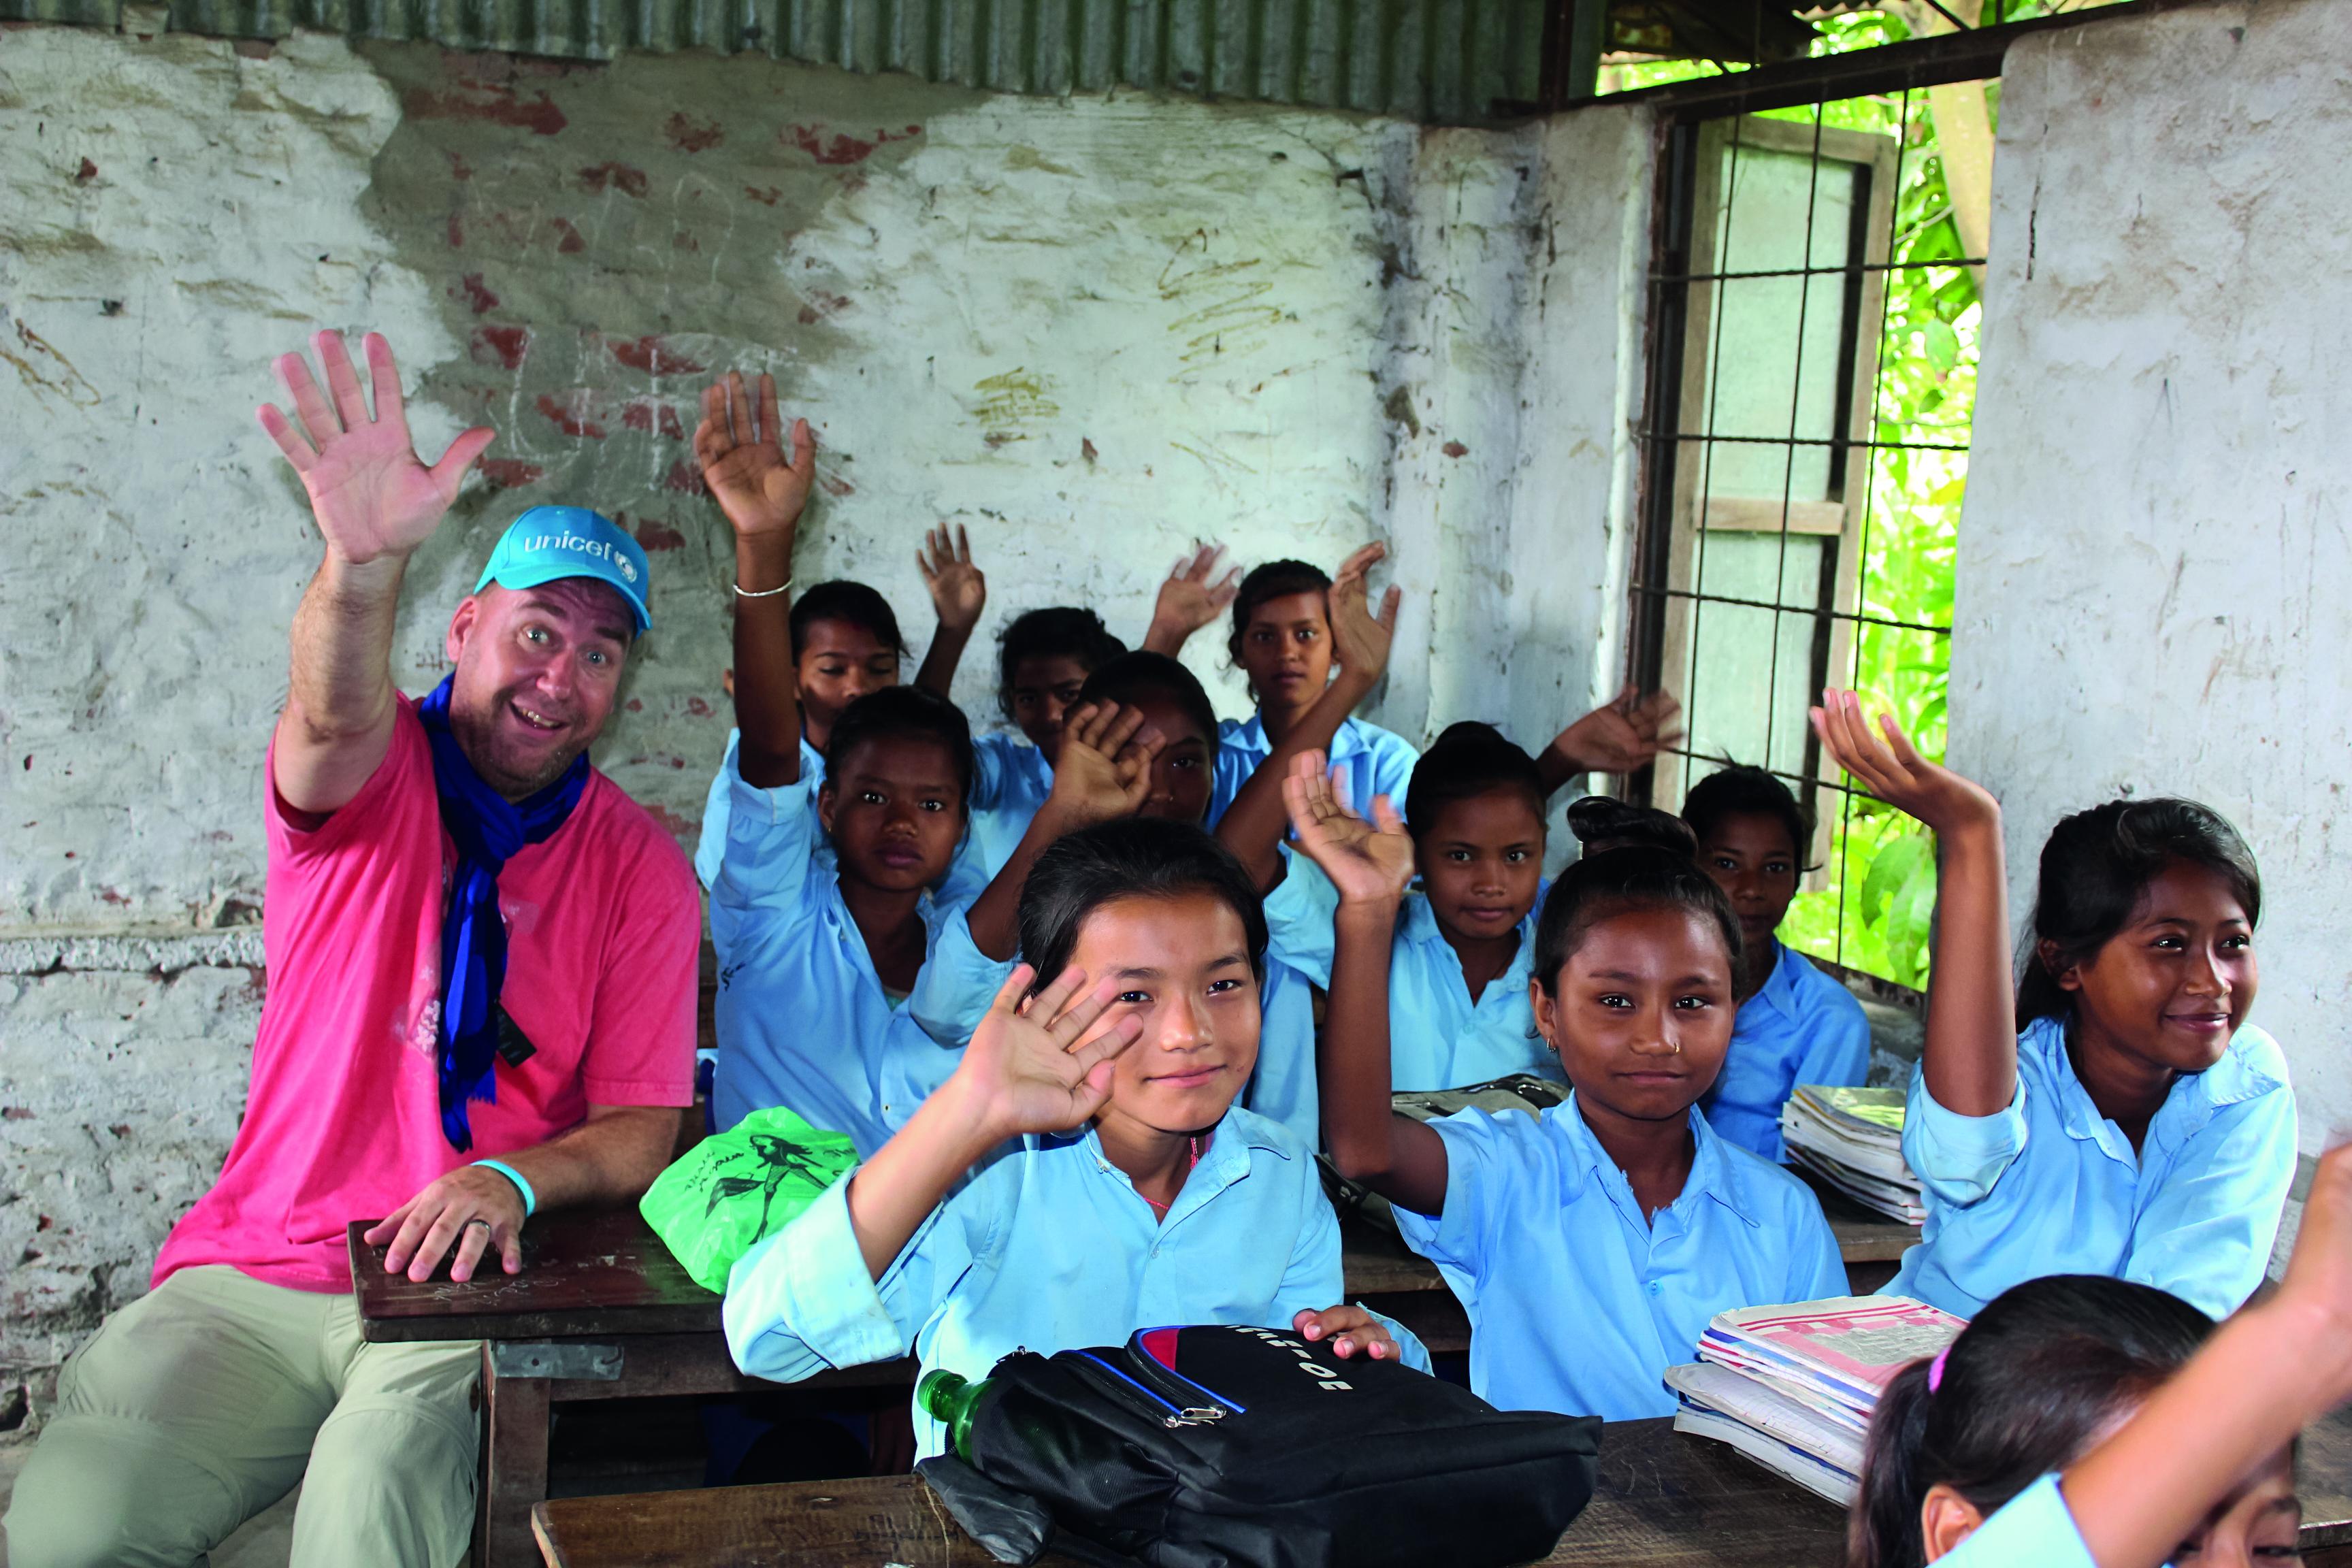 Pasi Joronen matkusti kesällä Nepaliin katsomaan, miten hänen tukemansa UNICEFin ohjelma lasten ja nuorten voimaannuttamiseksi edistyy. © UNICEF/Nepal 2018/Vesala